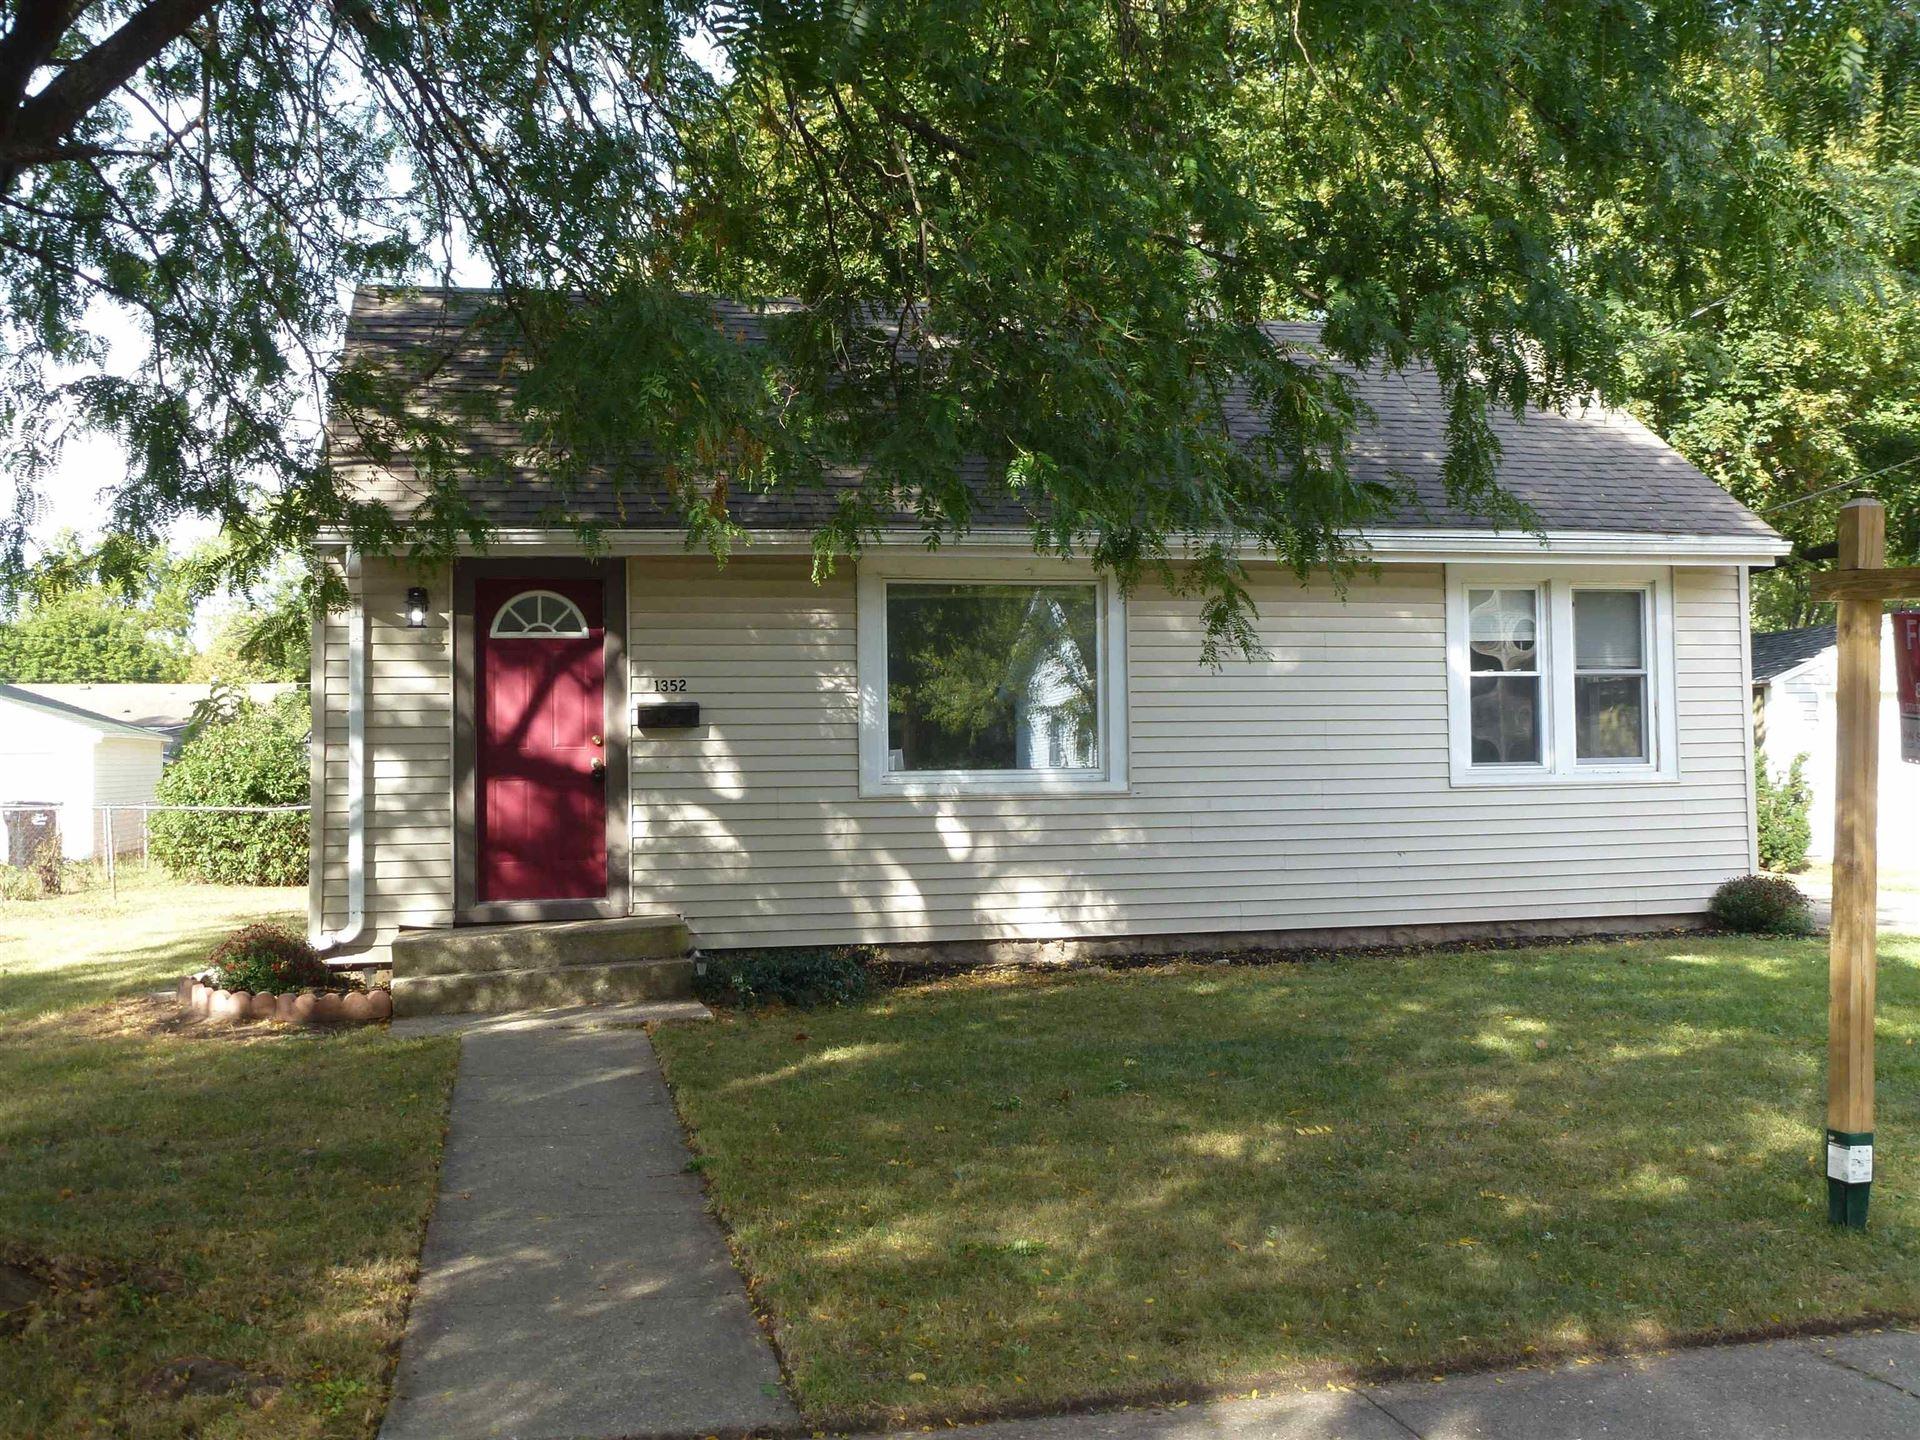 1352 McKinley Ave, Beloit, WI 53511 - #: 1920501